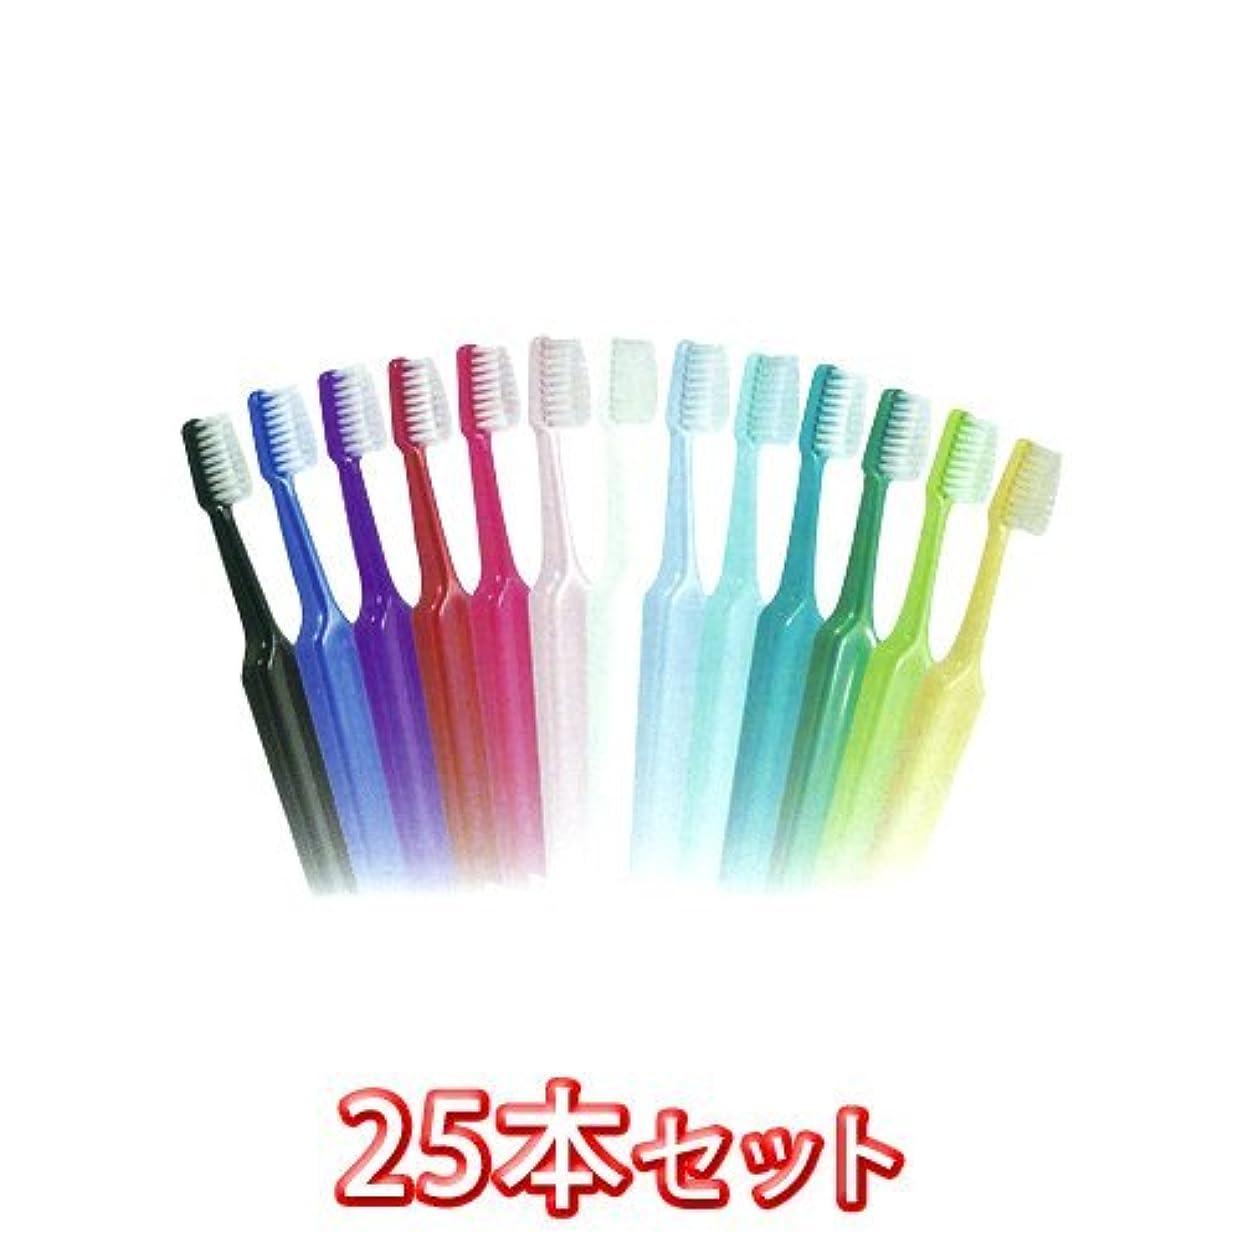 泥だらけ辞任するデイジーTePeテペセレクトコンパクト歯ブラシ 25本(コンパクトエクストラソフト)